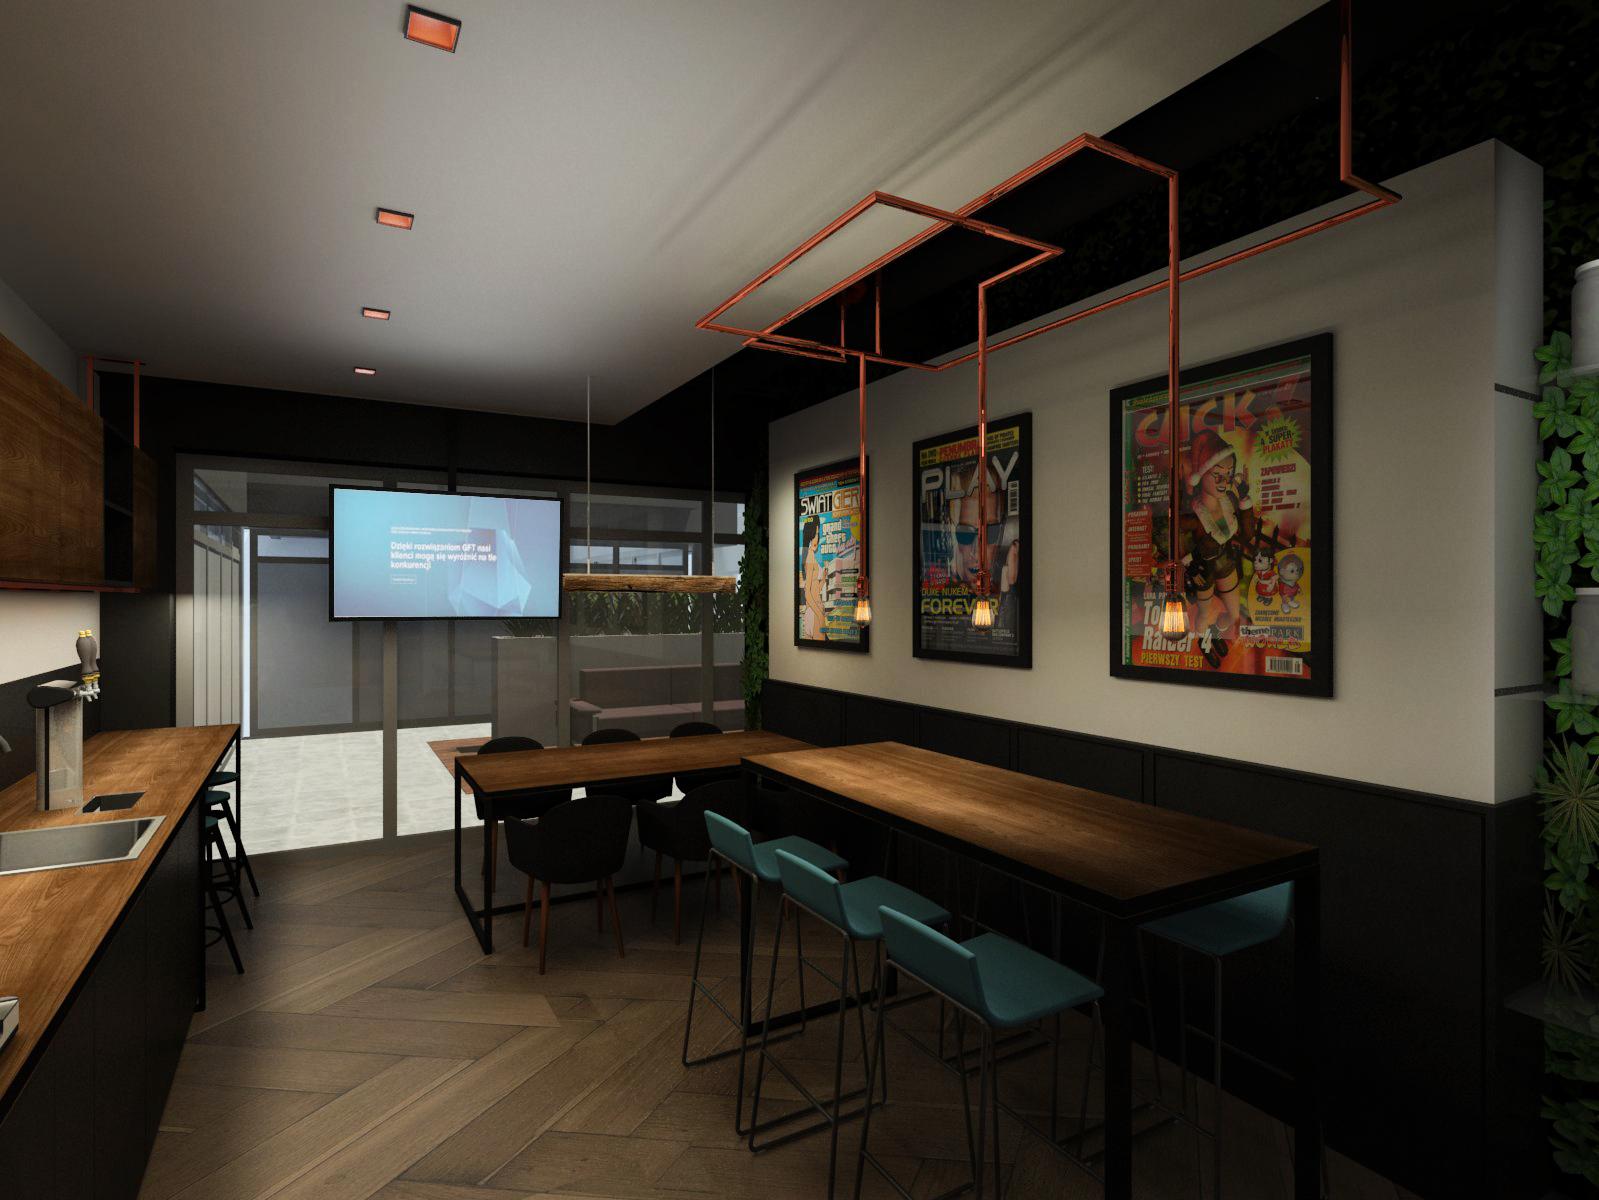 W warszawskim biurze GFT Polska jest kantyna, która przypomina sieciowe kawiarnie. (Fot. GFT)